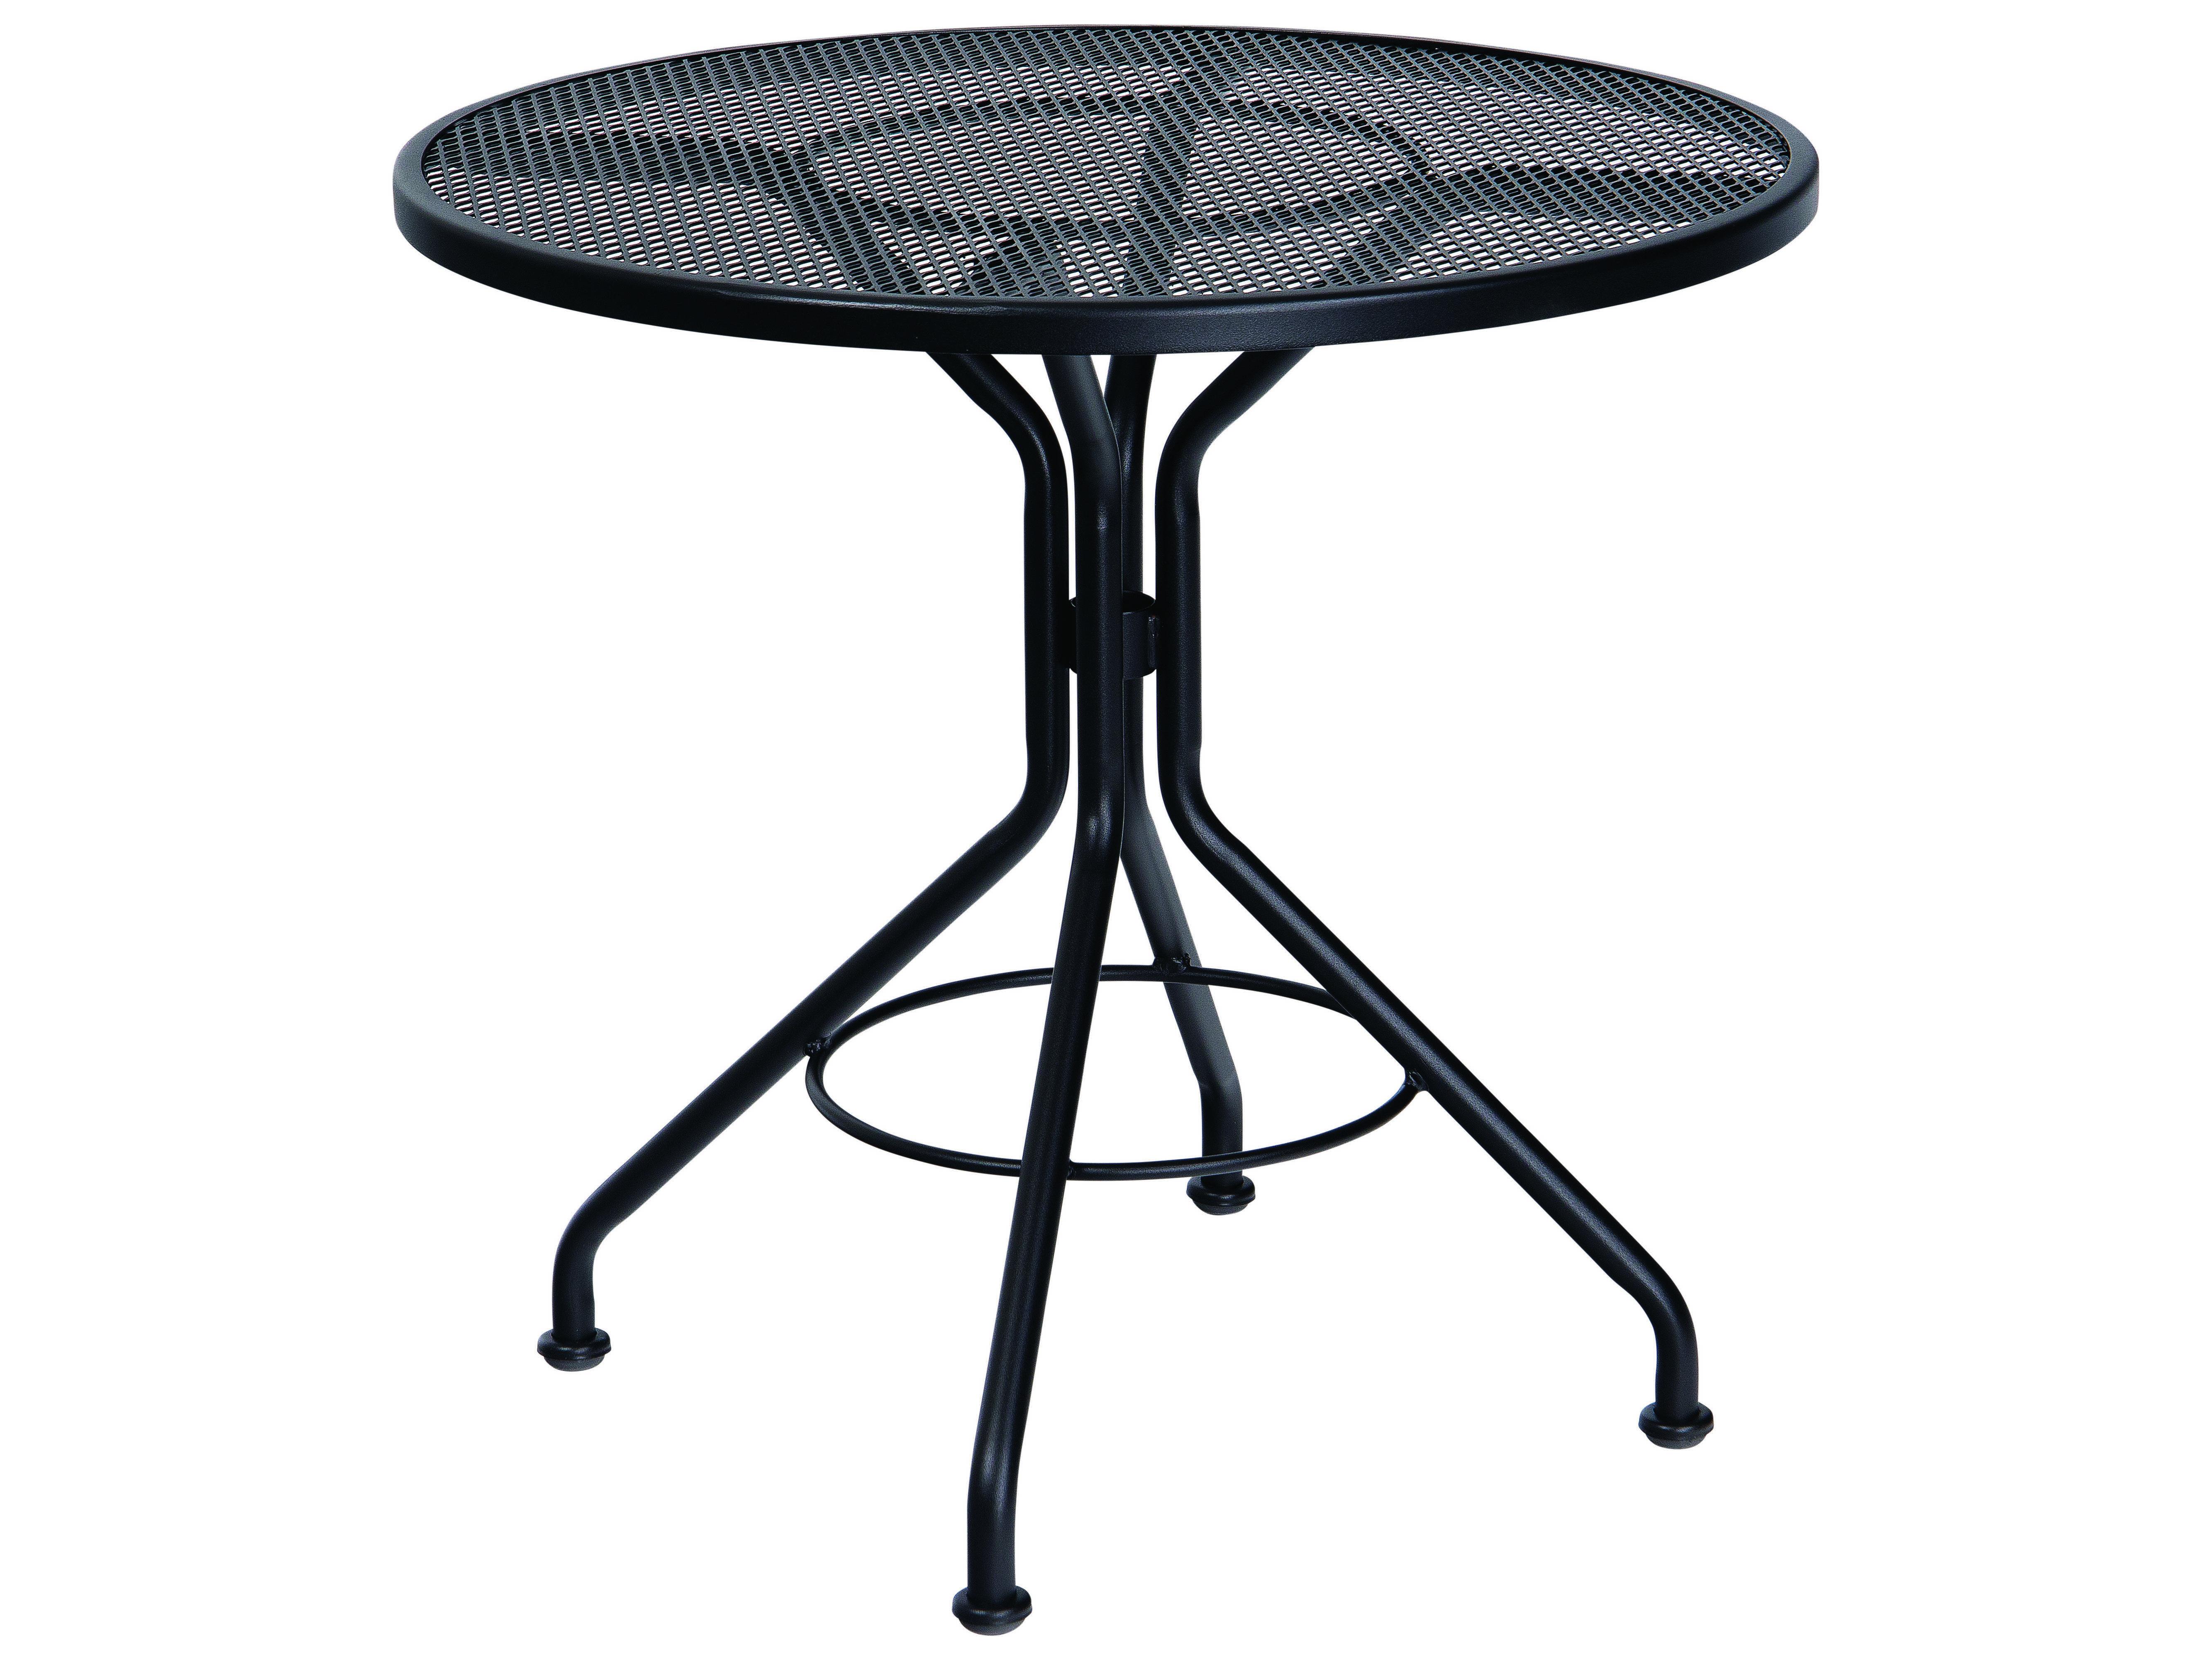 Woodard Wrought Iron 30 Round Bistro Table 280134